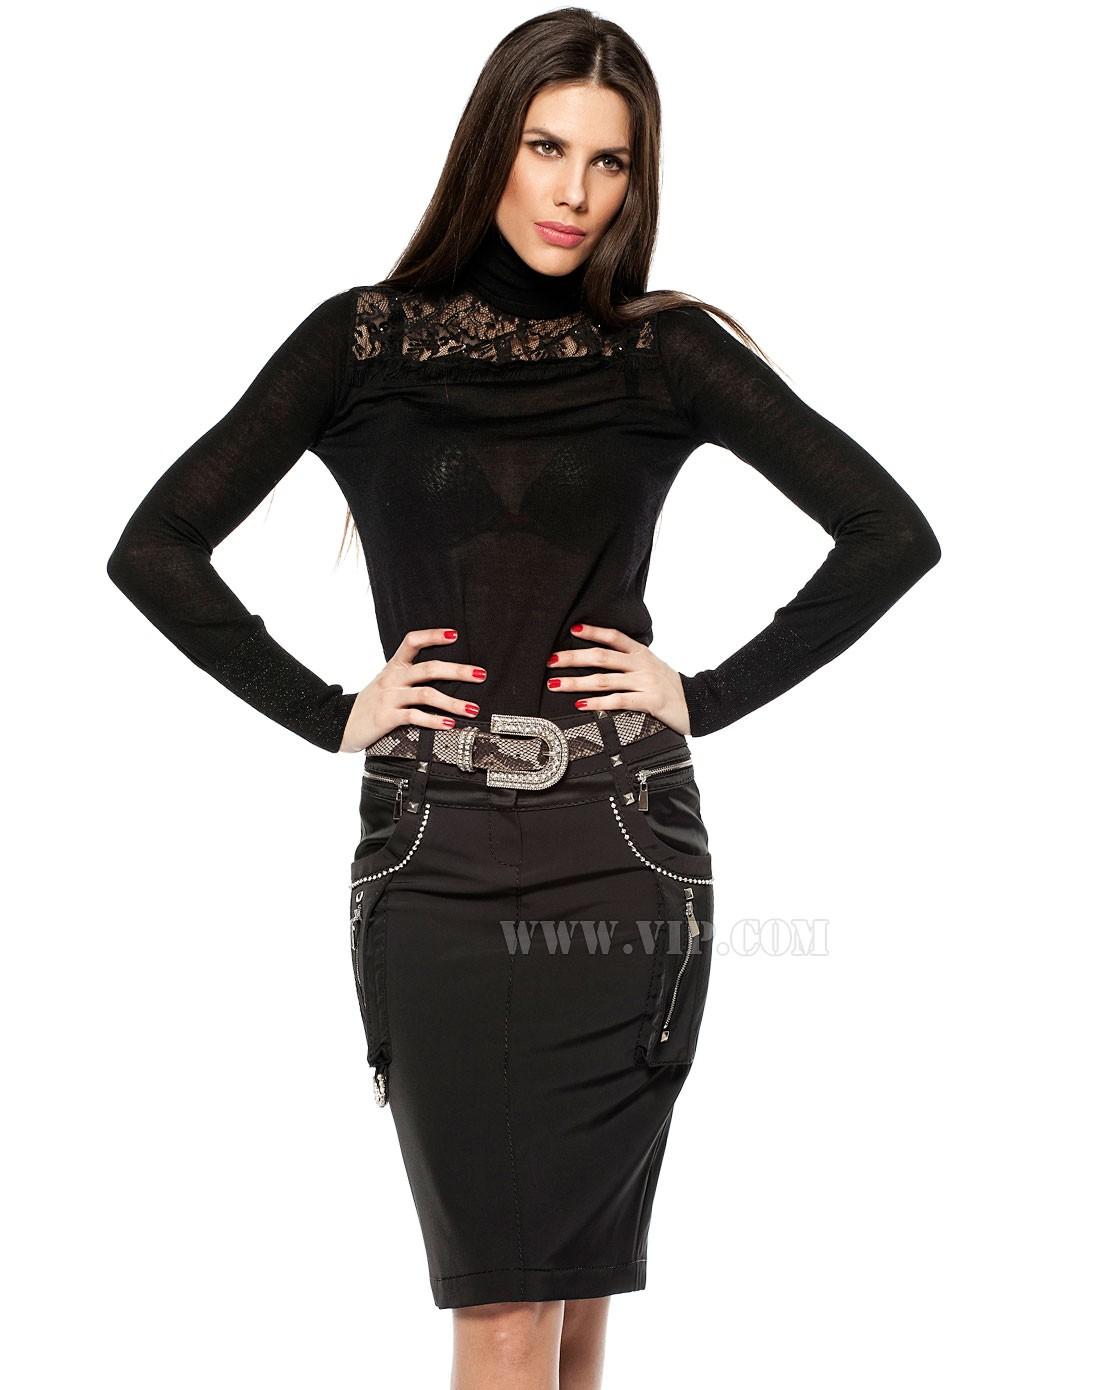 女士成熟时尚裙子